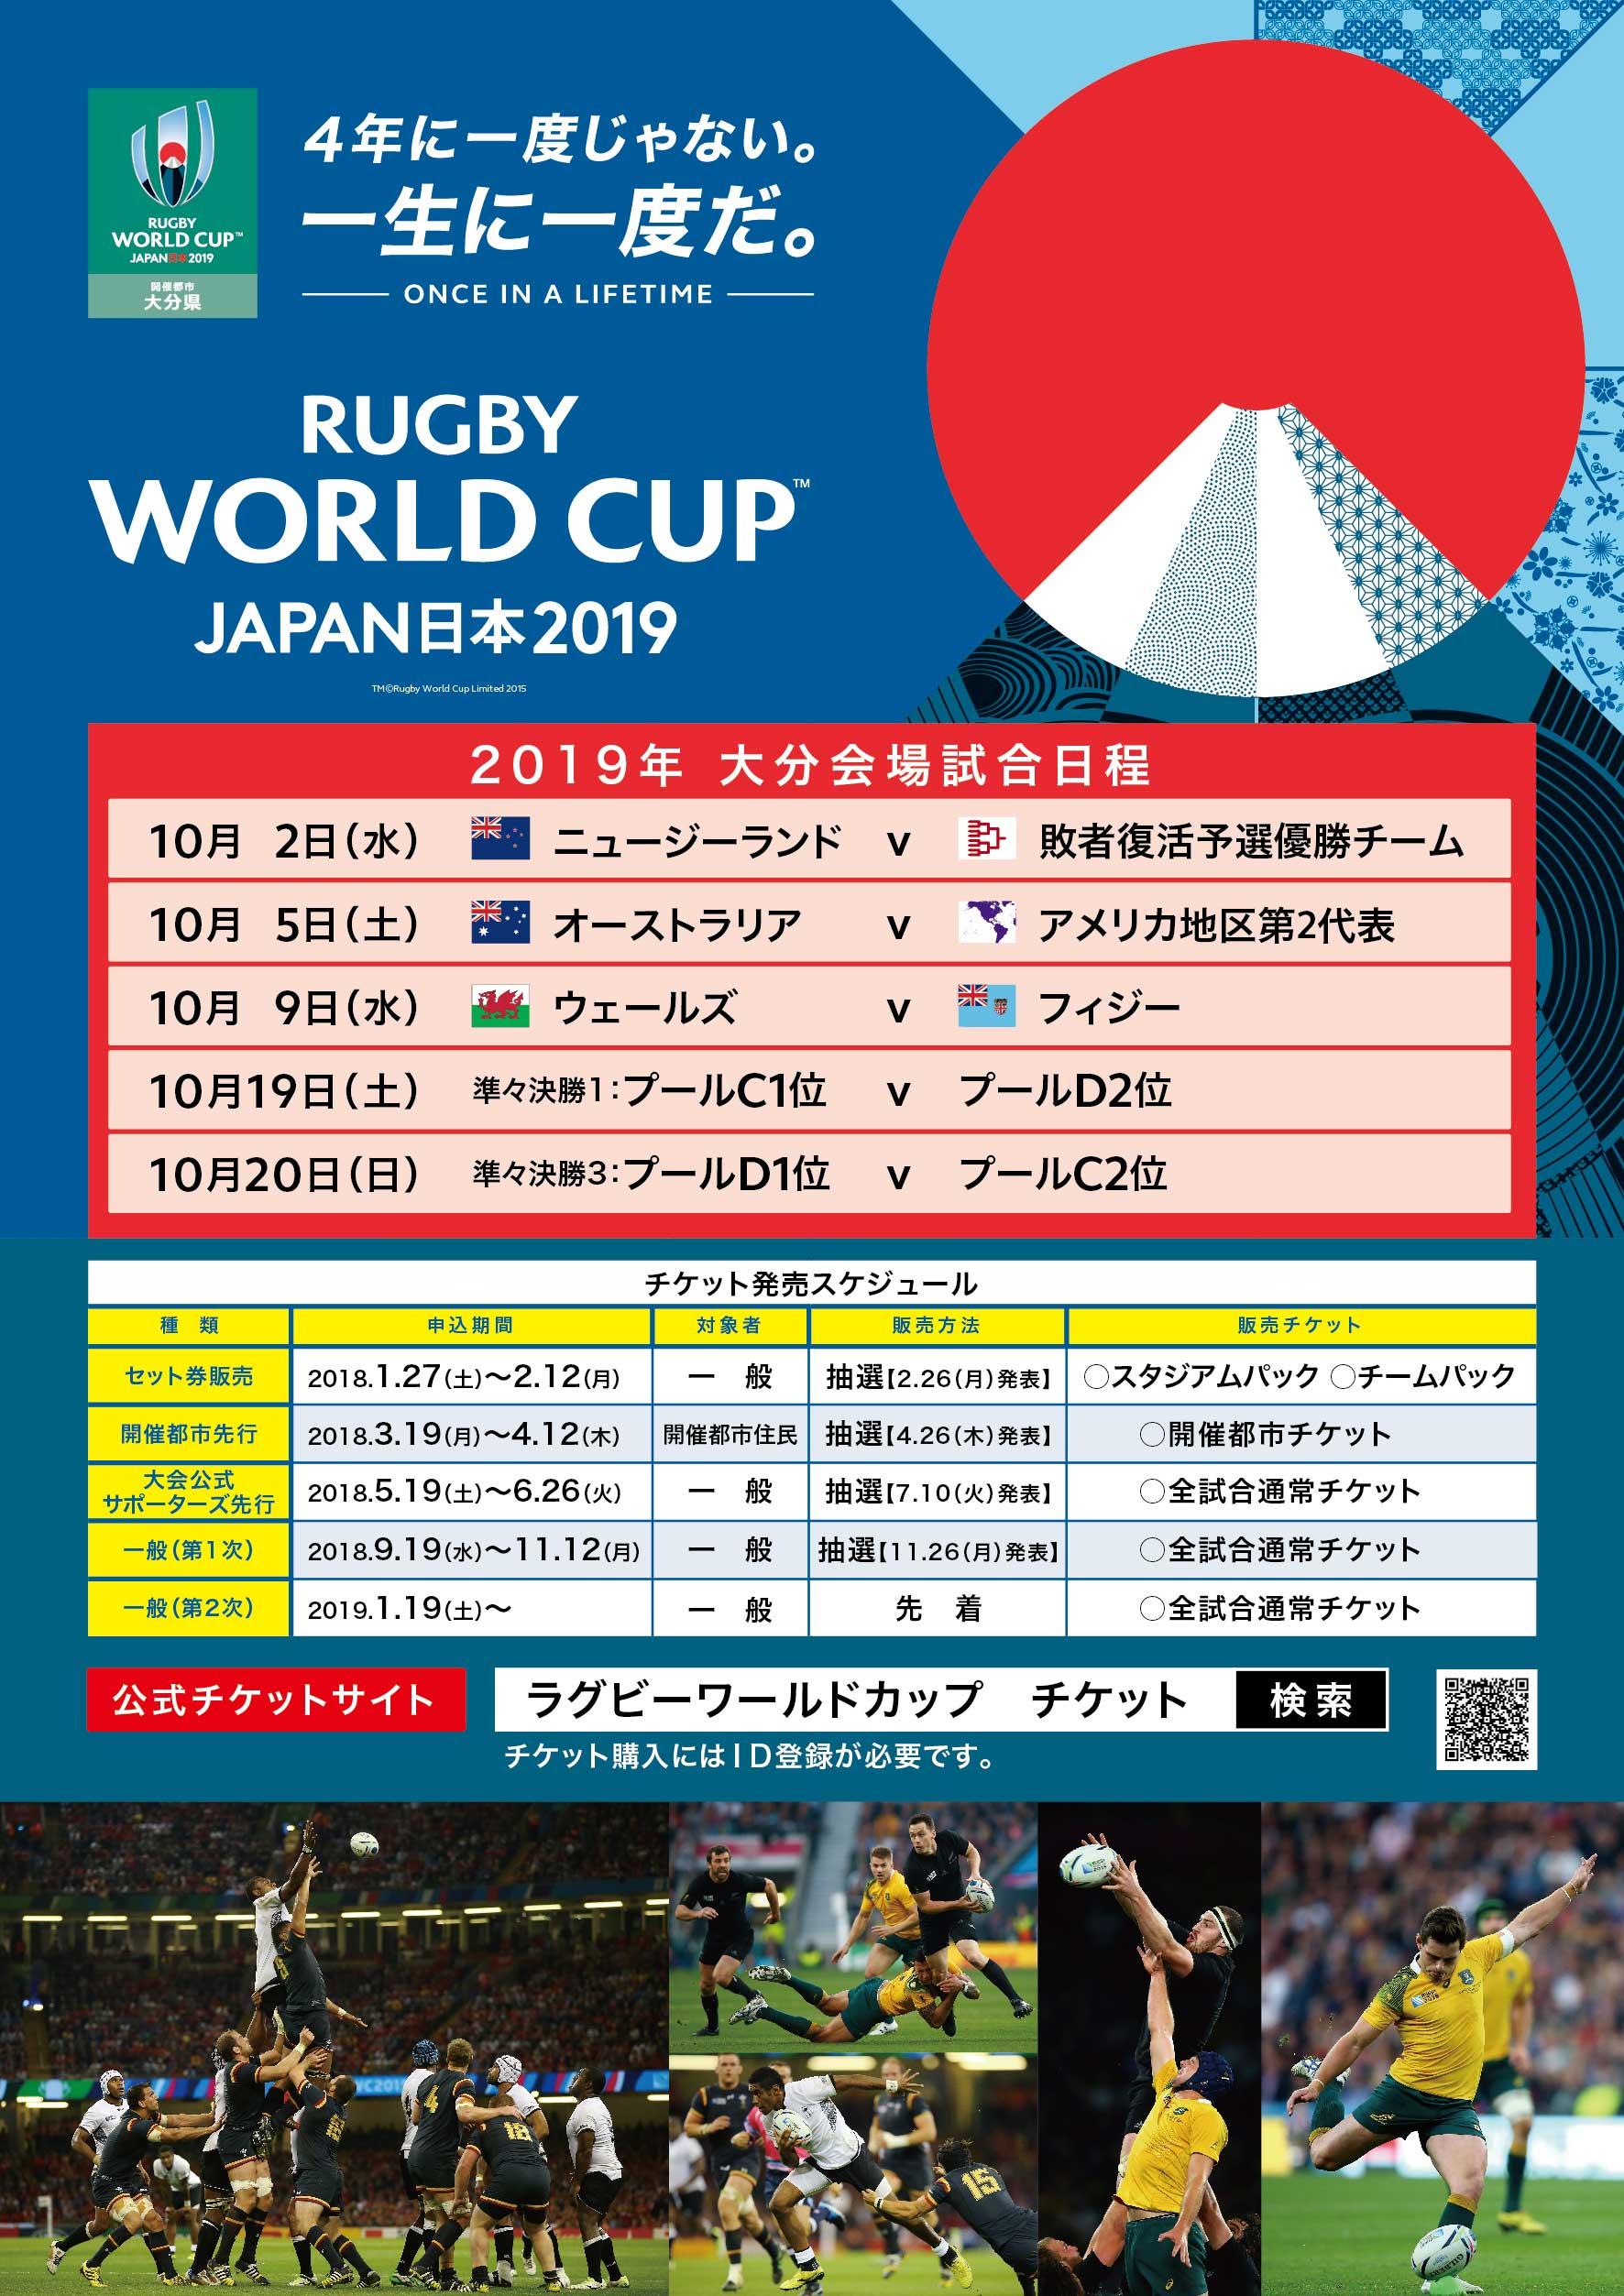 大分県 ラグビーワールドカップ2019 ポスター